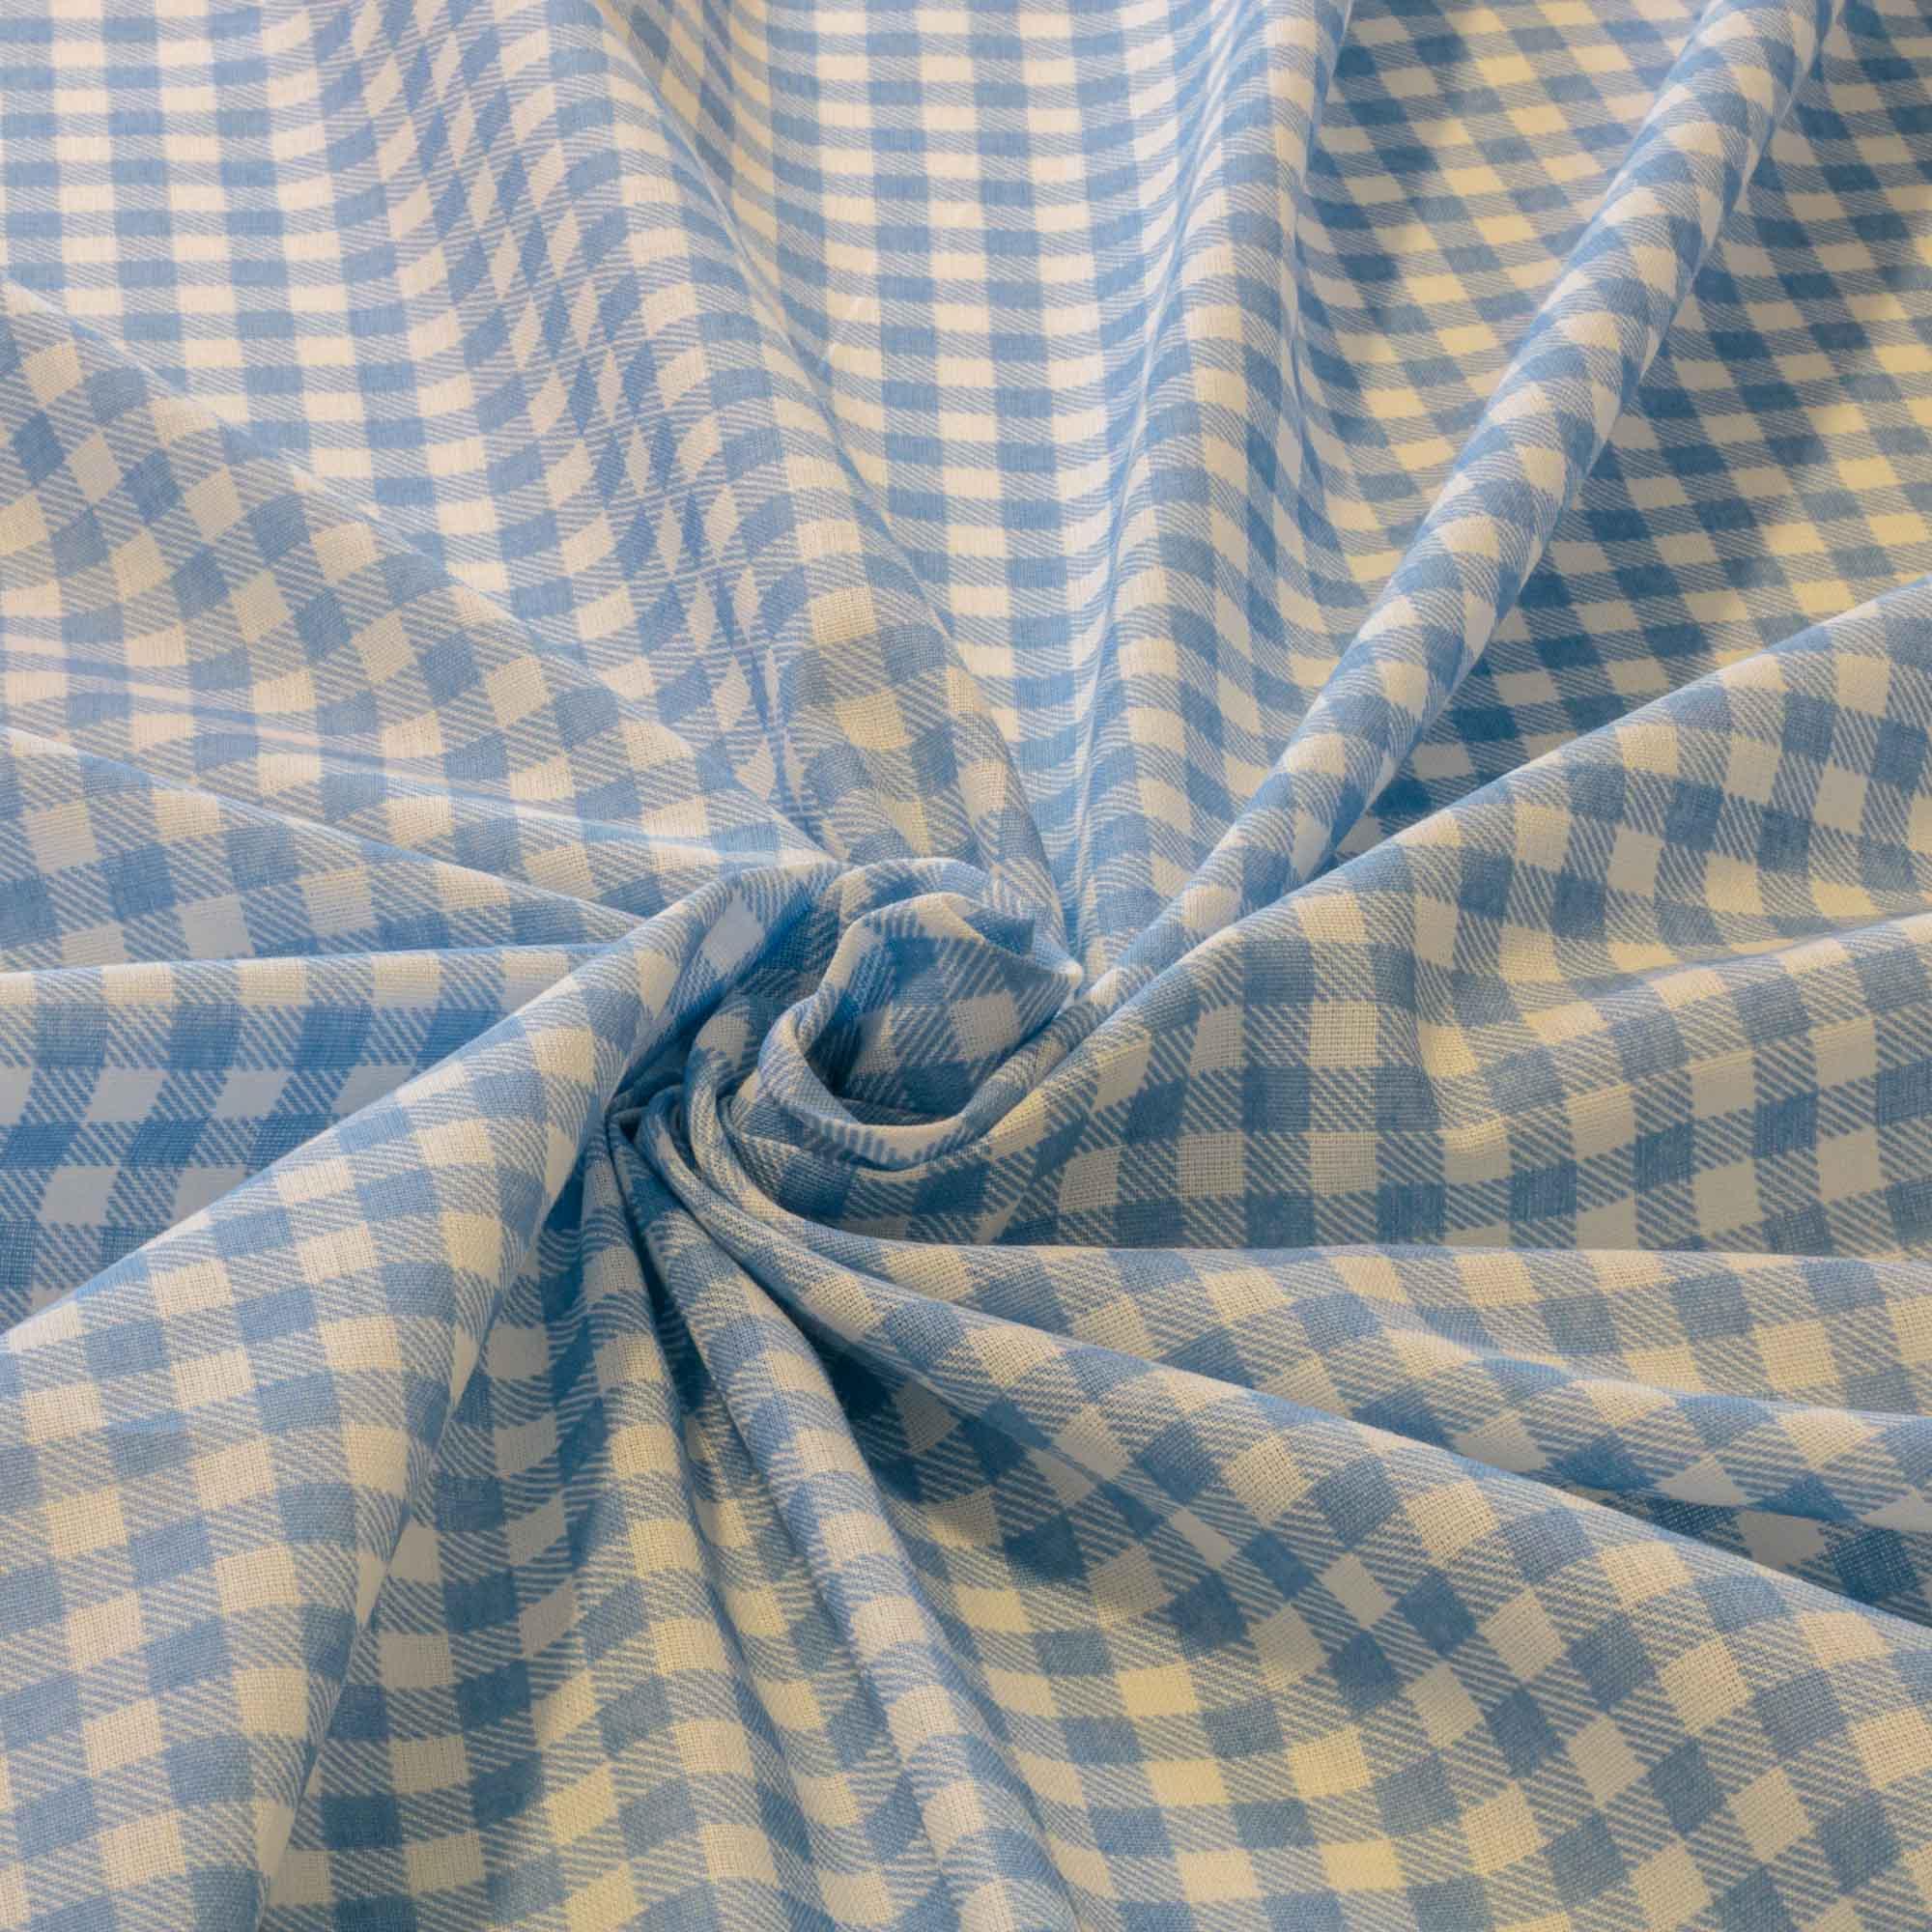 Tecido Tricoline Estampado Xadrez 1,40 Mt Largura Azul